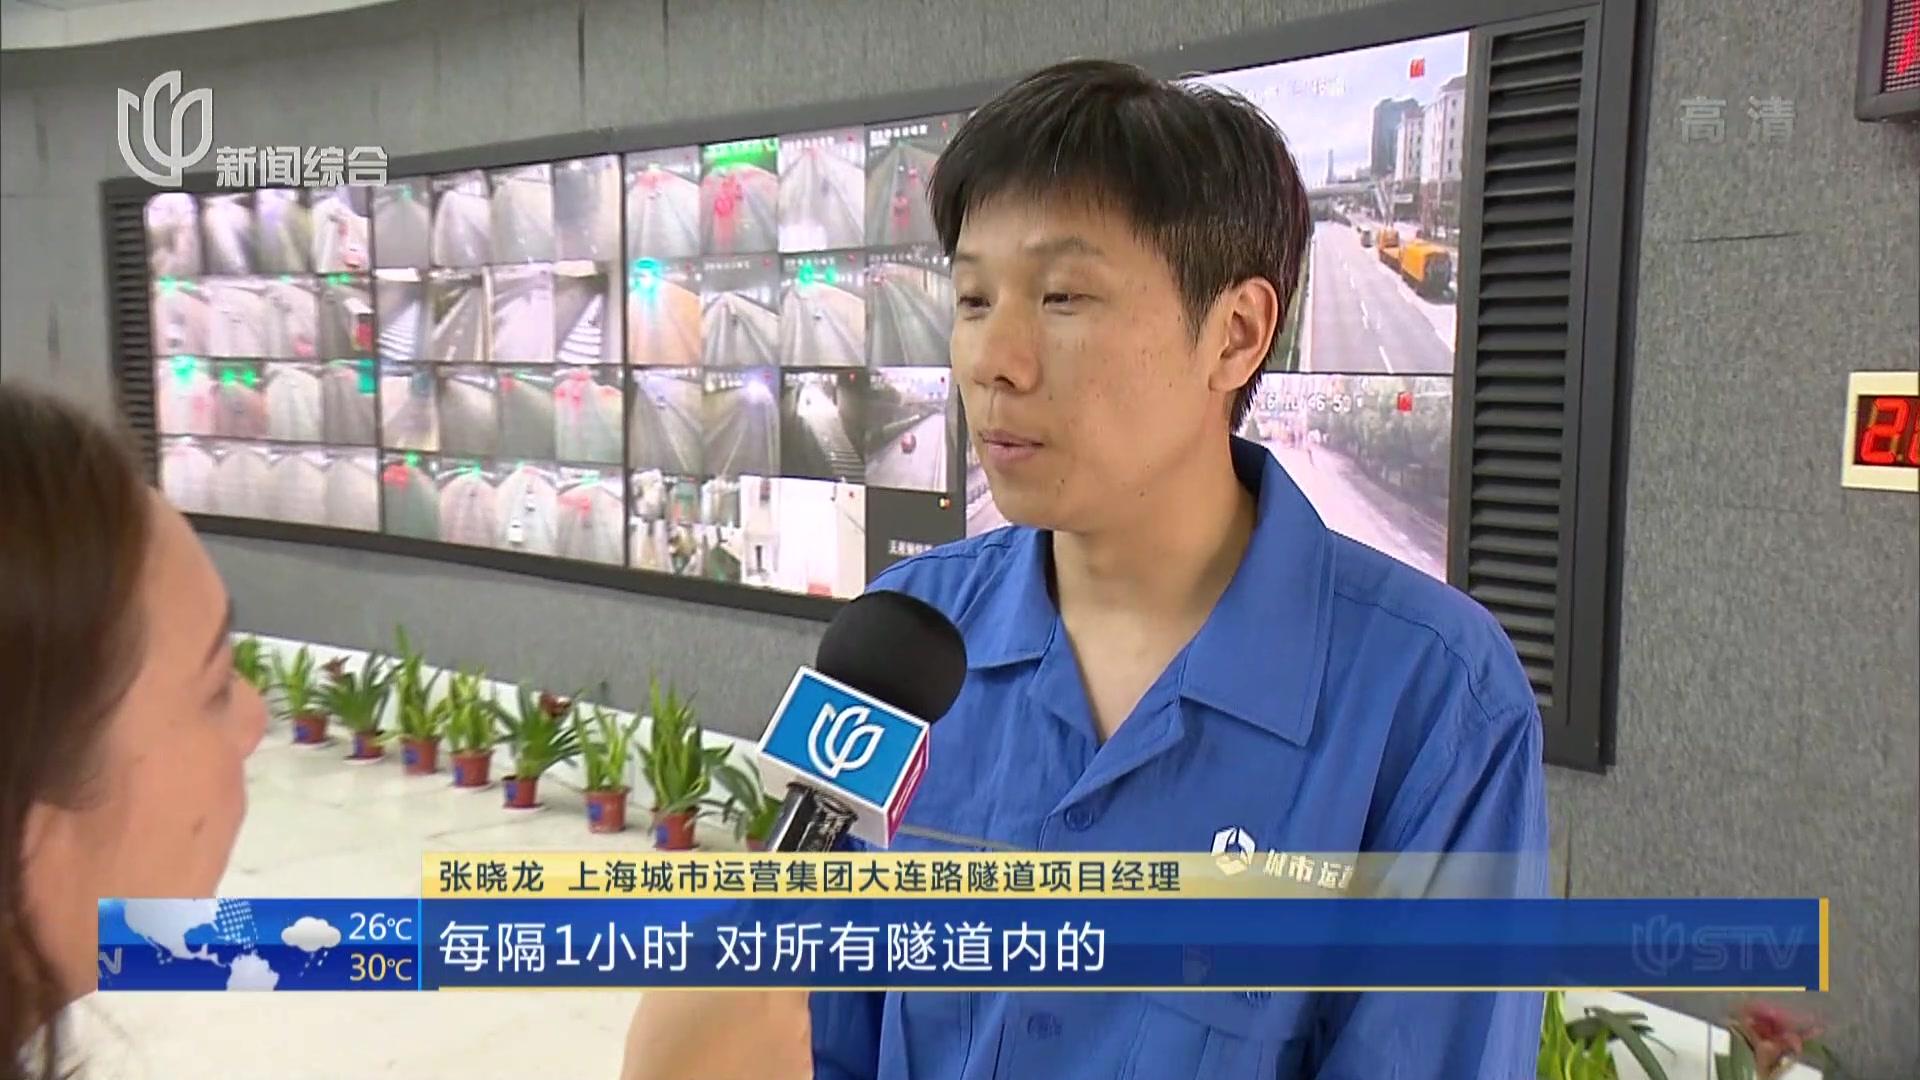 上海:各部门严阵以待  落实台风防御措施  店招店牌——加固7212块  拆除5091块